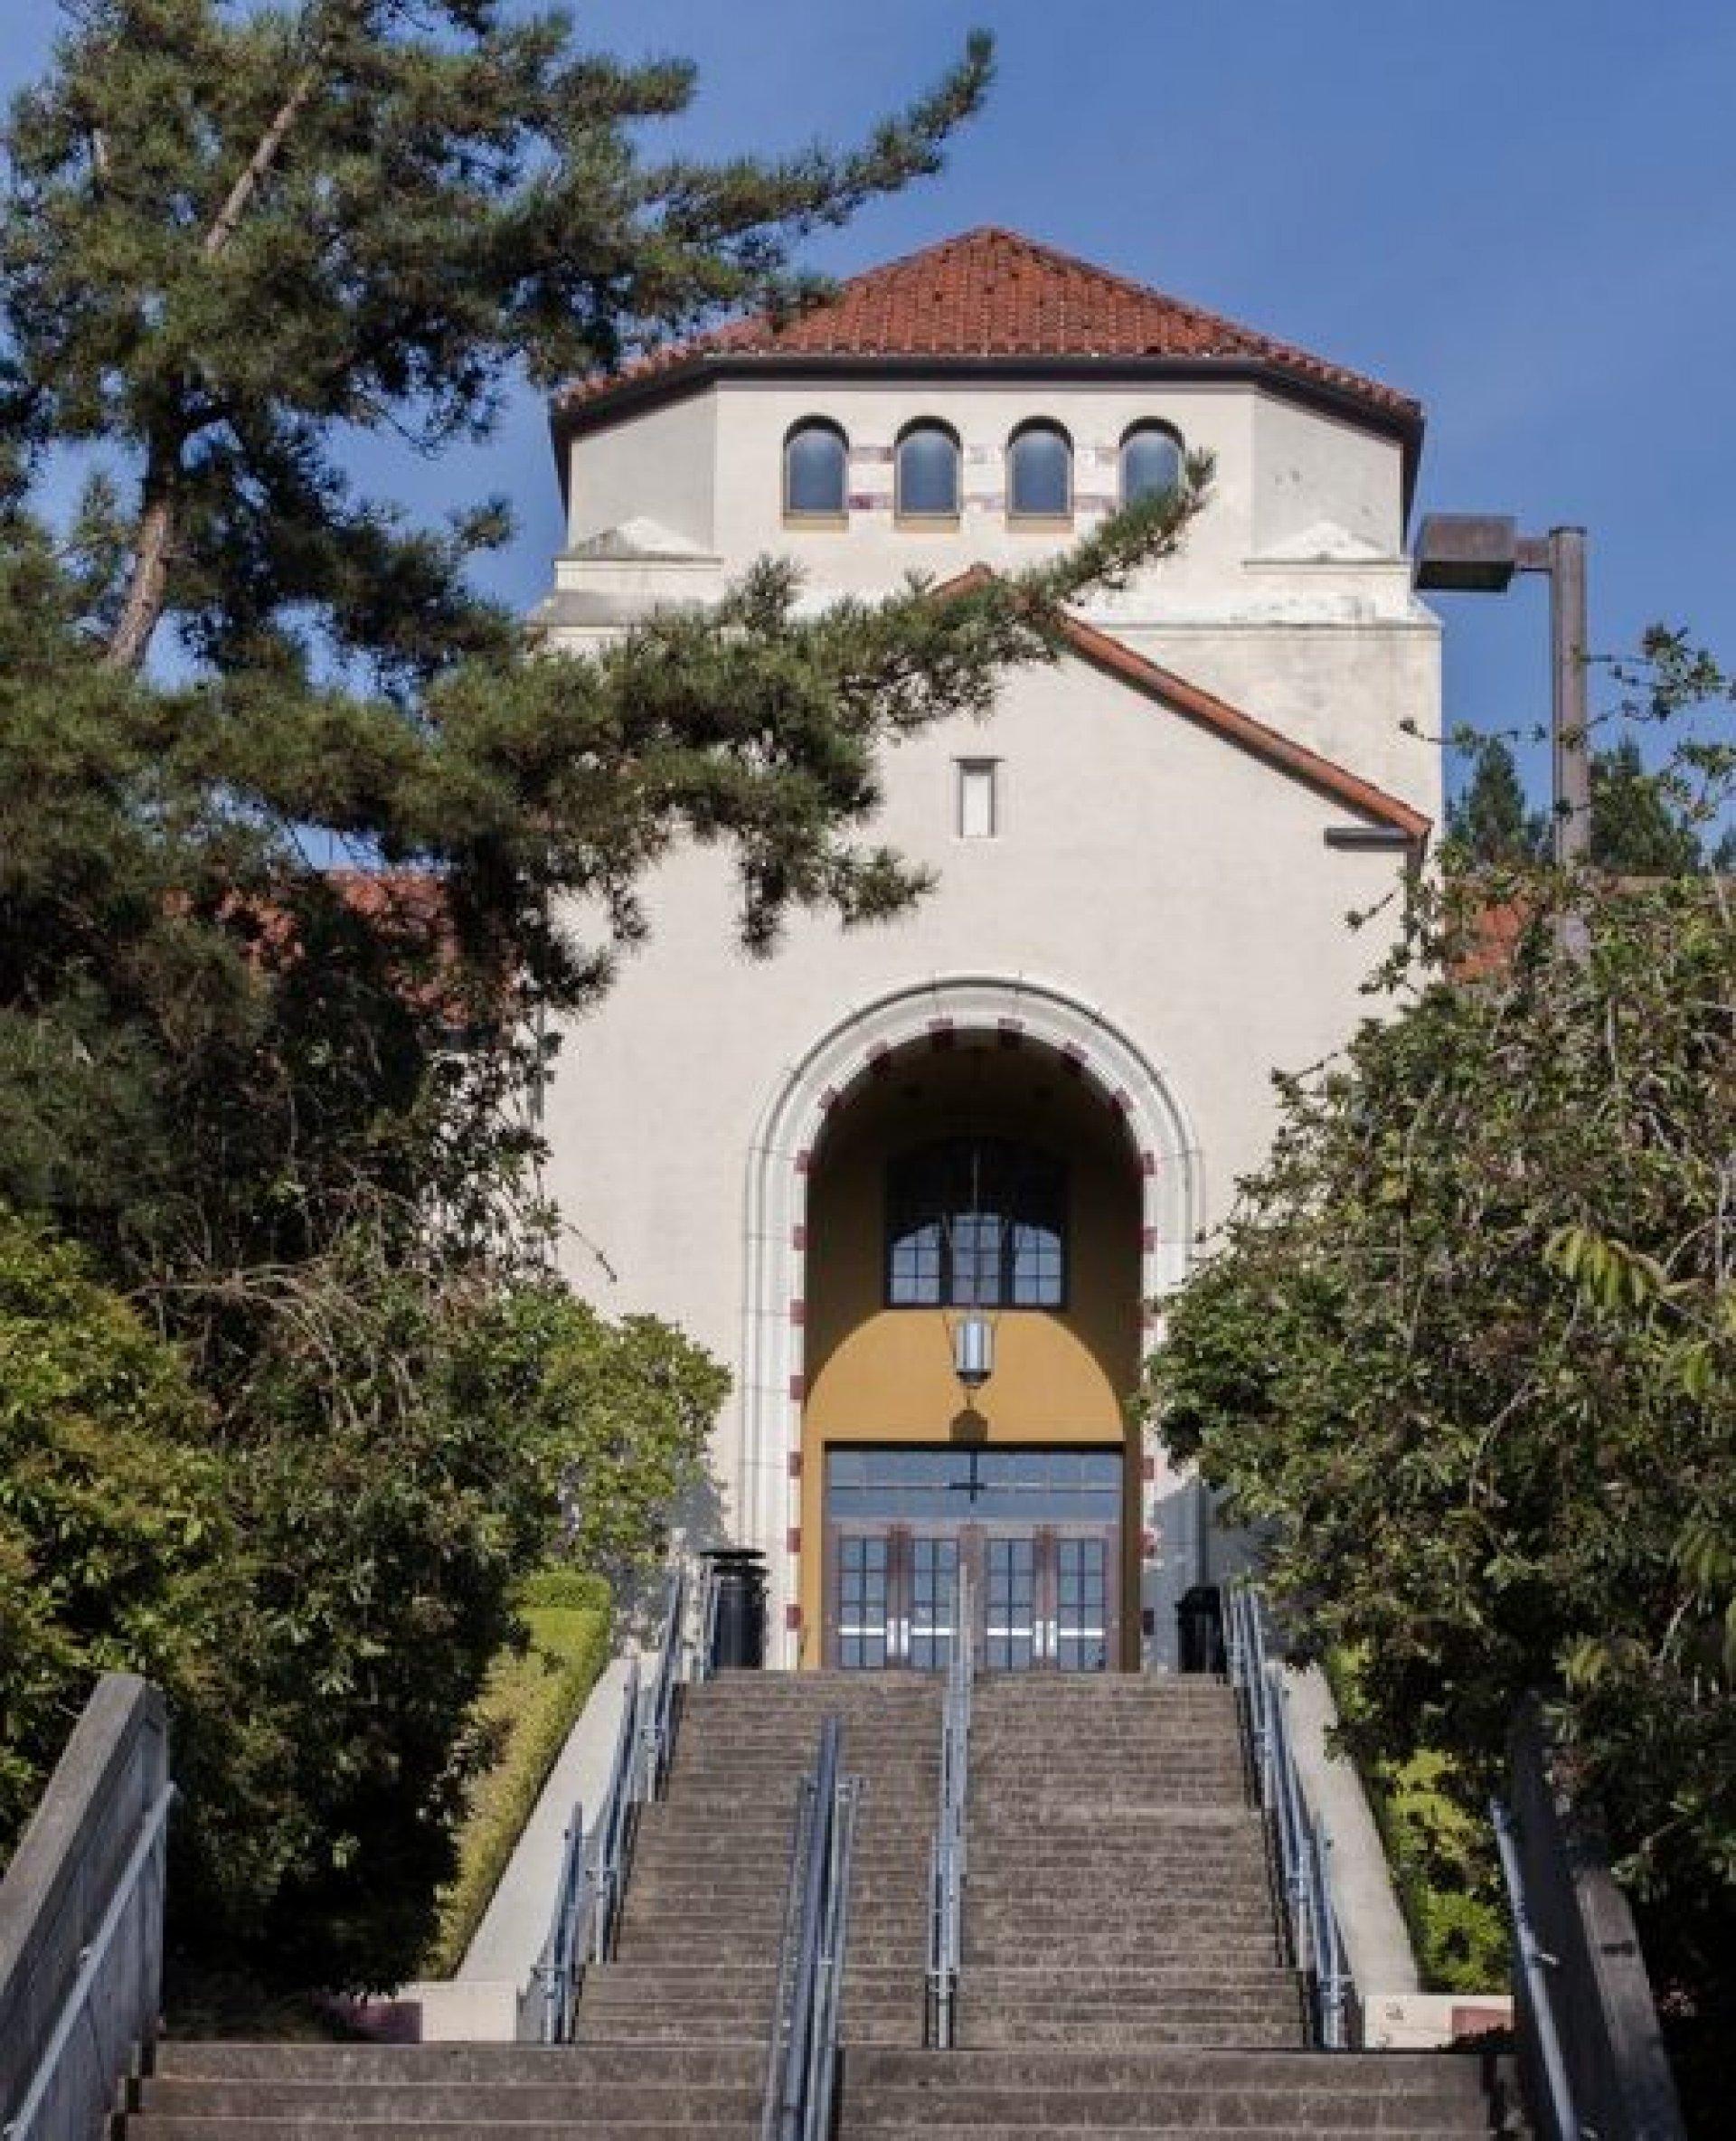 Founders Hall at HSU. Photo credit: Lauren Shea